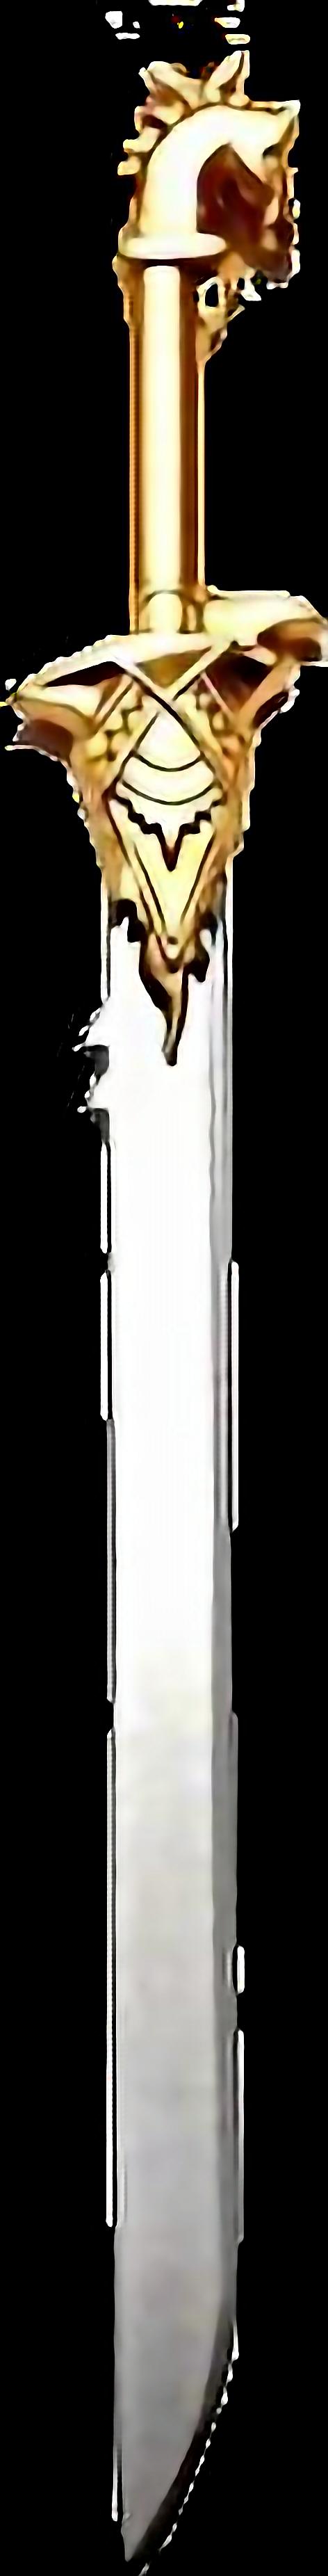 sword brand sabre bahubali.